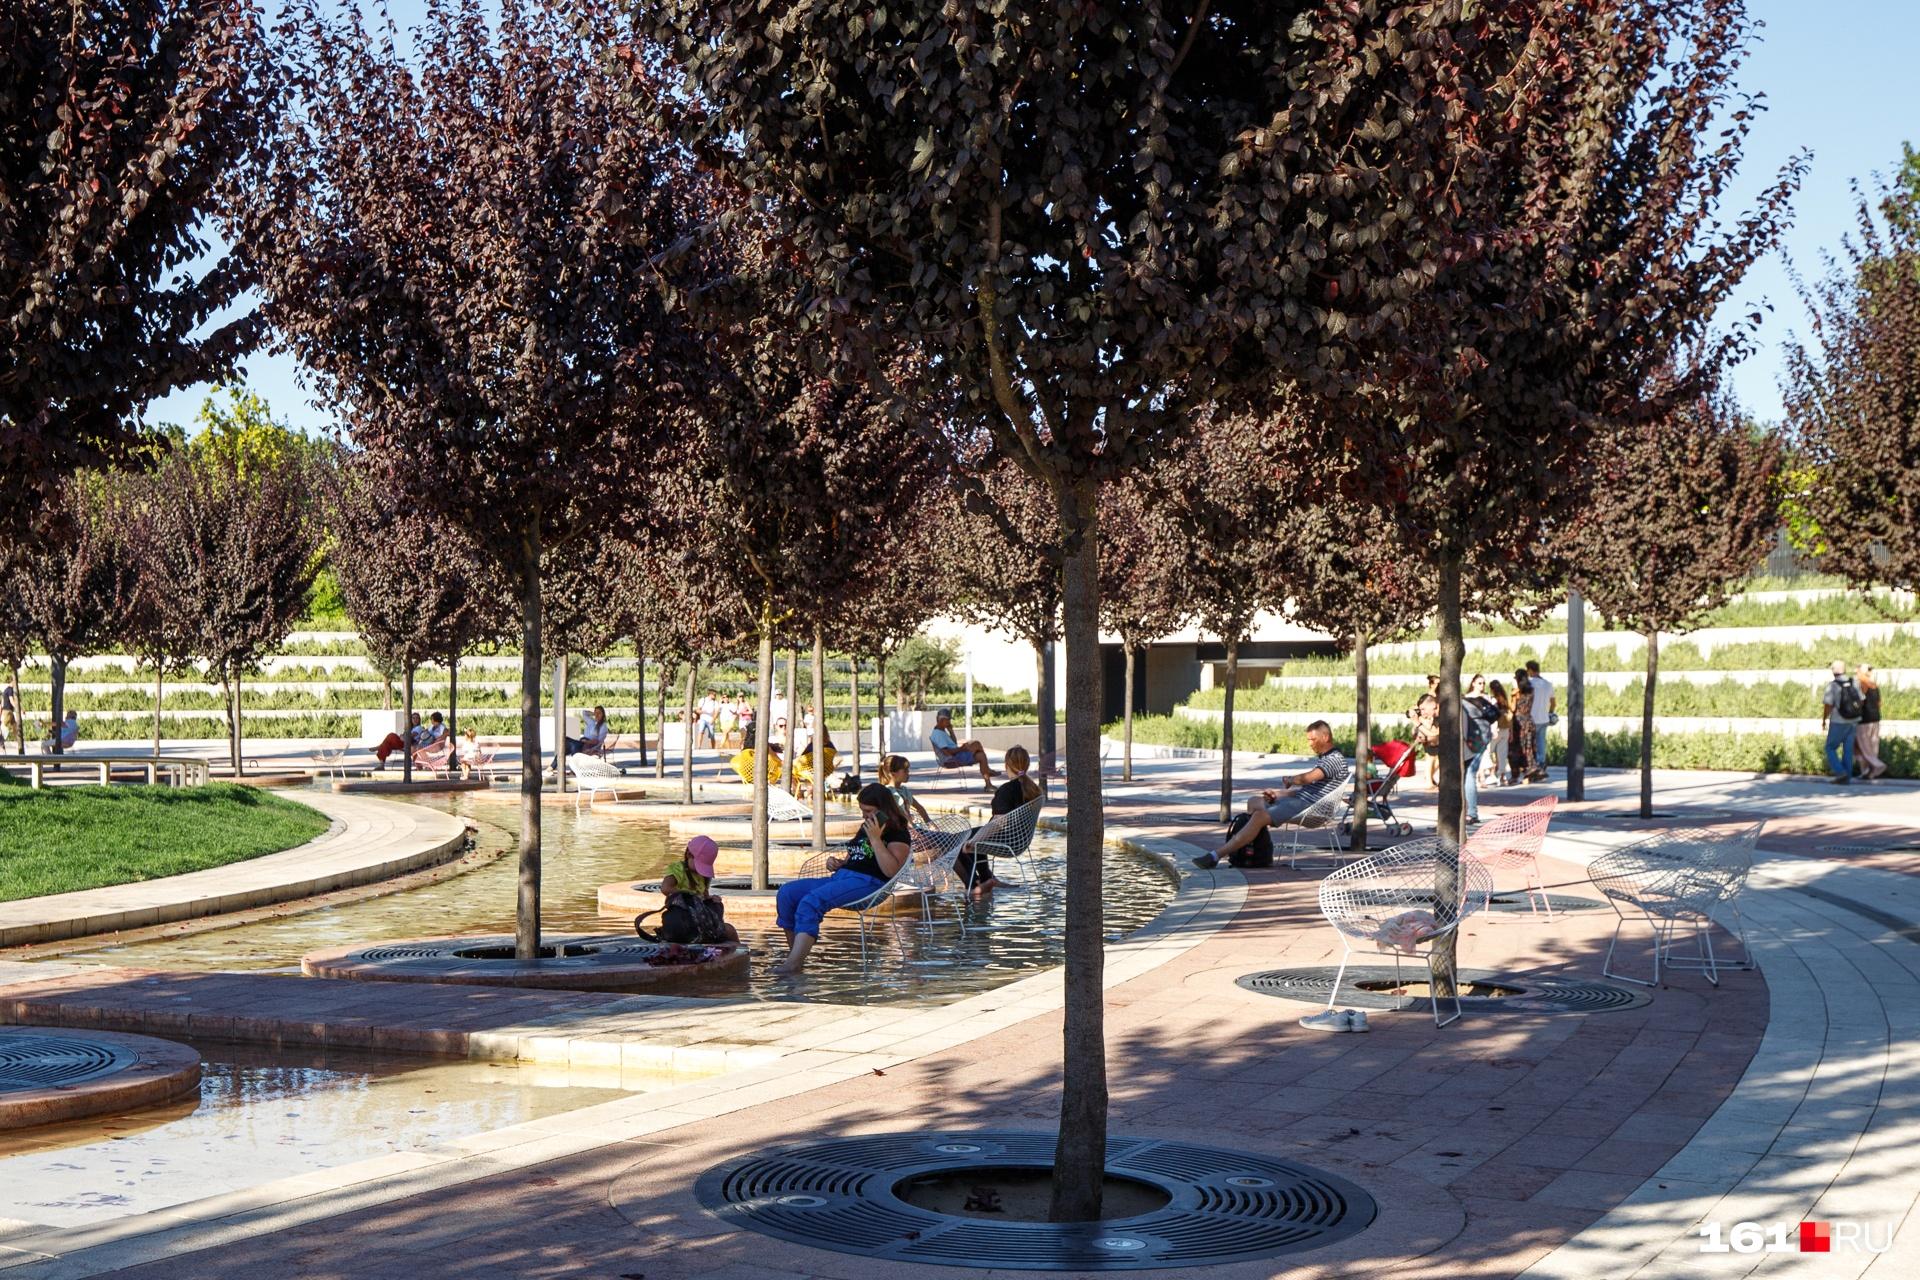 Возле воды в парке стоят стулья. Любой желающий может отдохнуть и немного помочить ноги